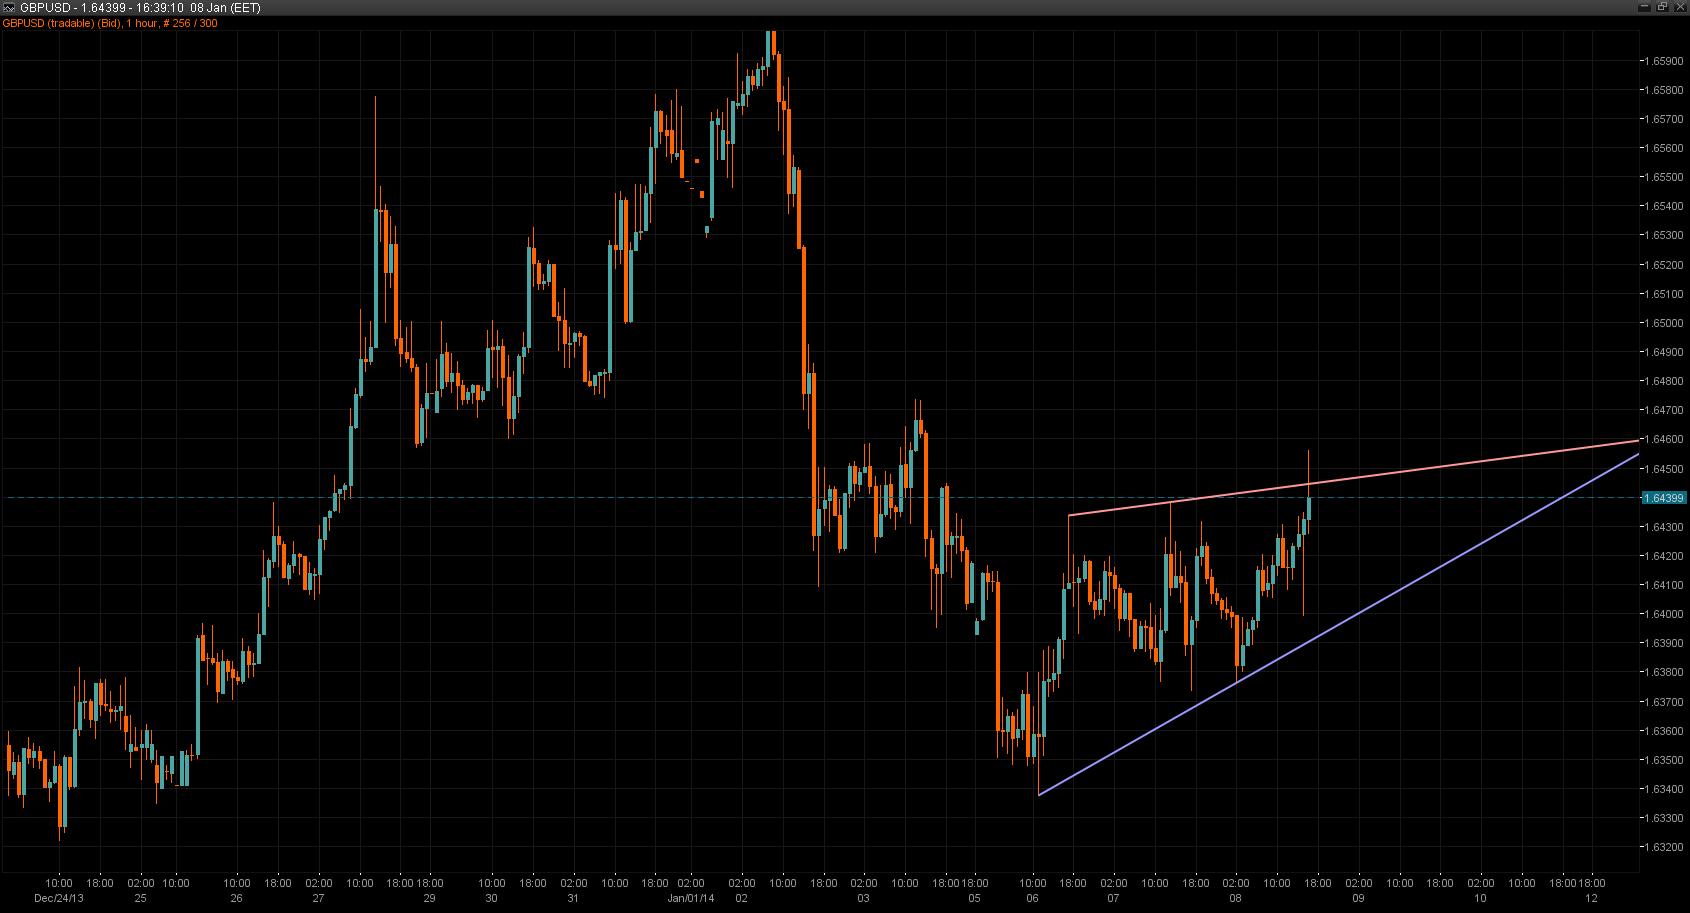 GBP/USD Chart 08 Jan 2014